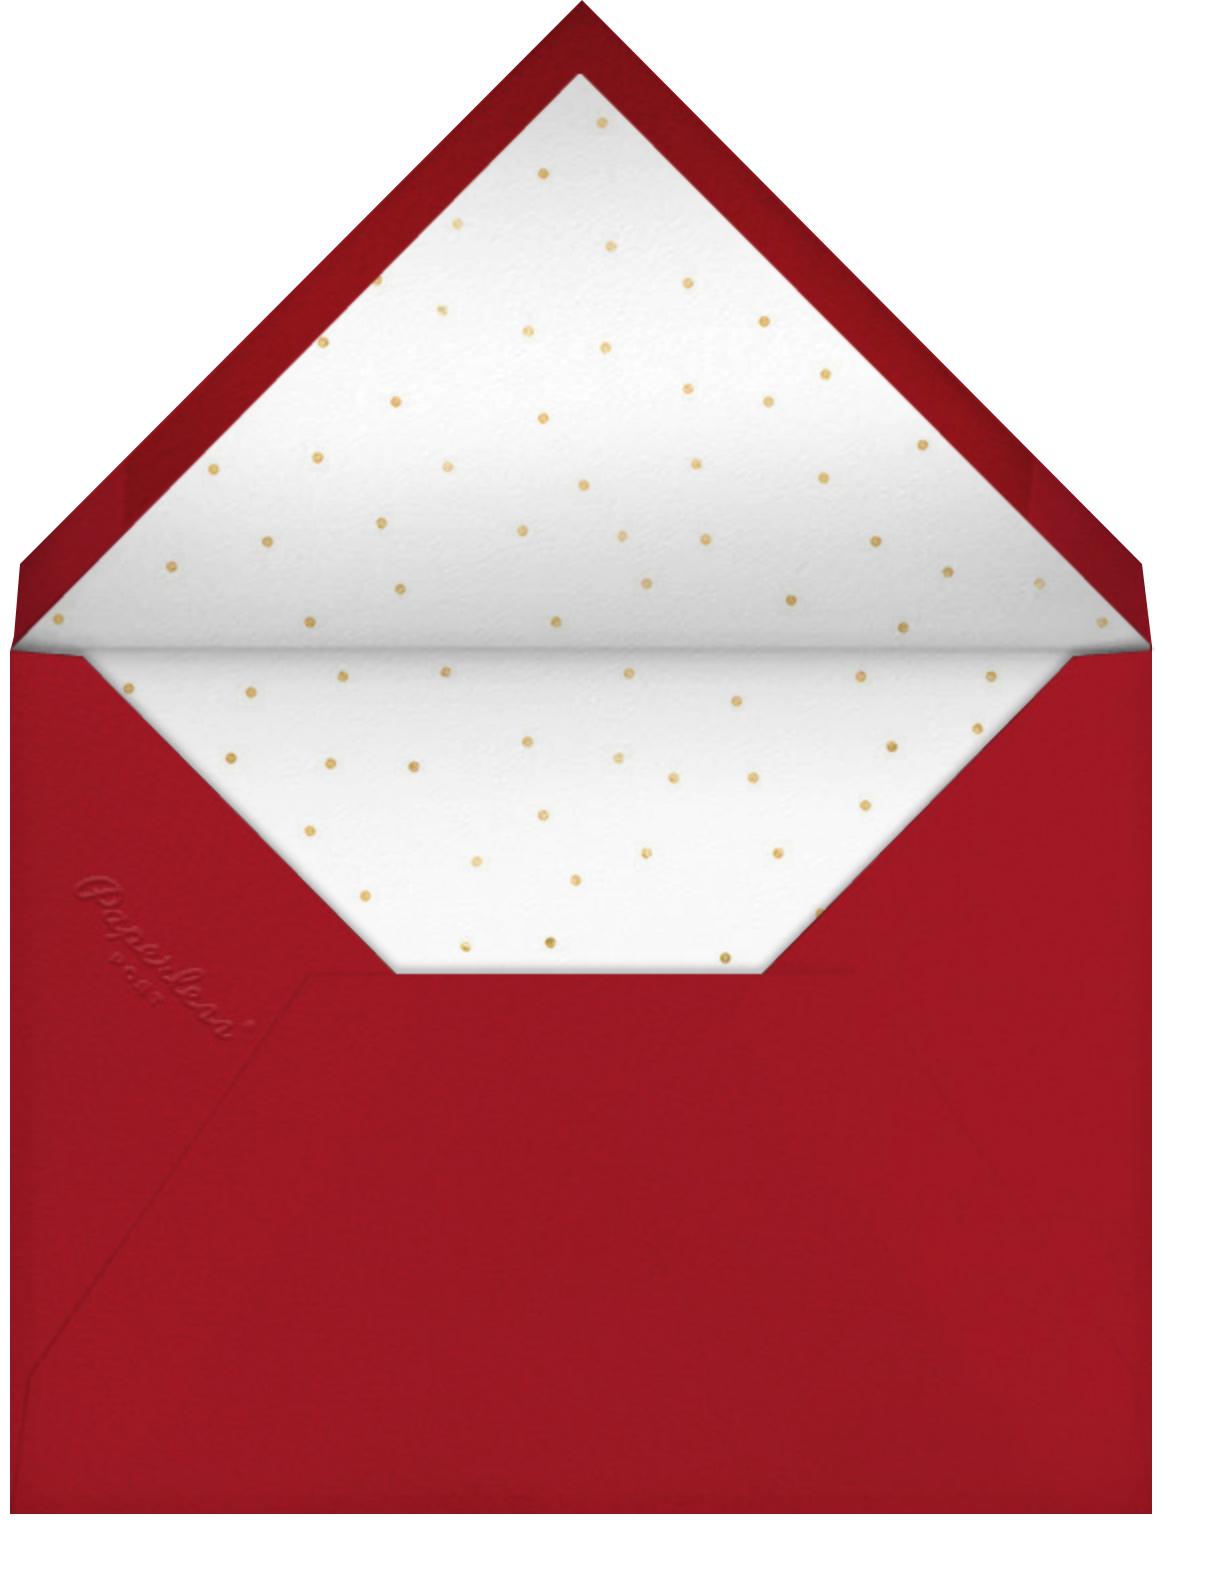 Tartan Wrap - Sugar Paper - Corporate invitations - envelope back